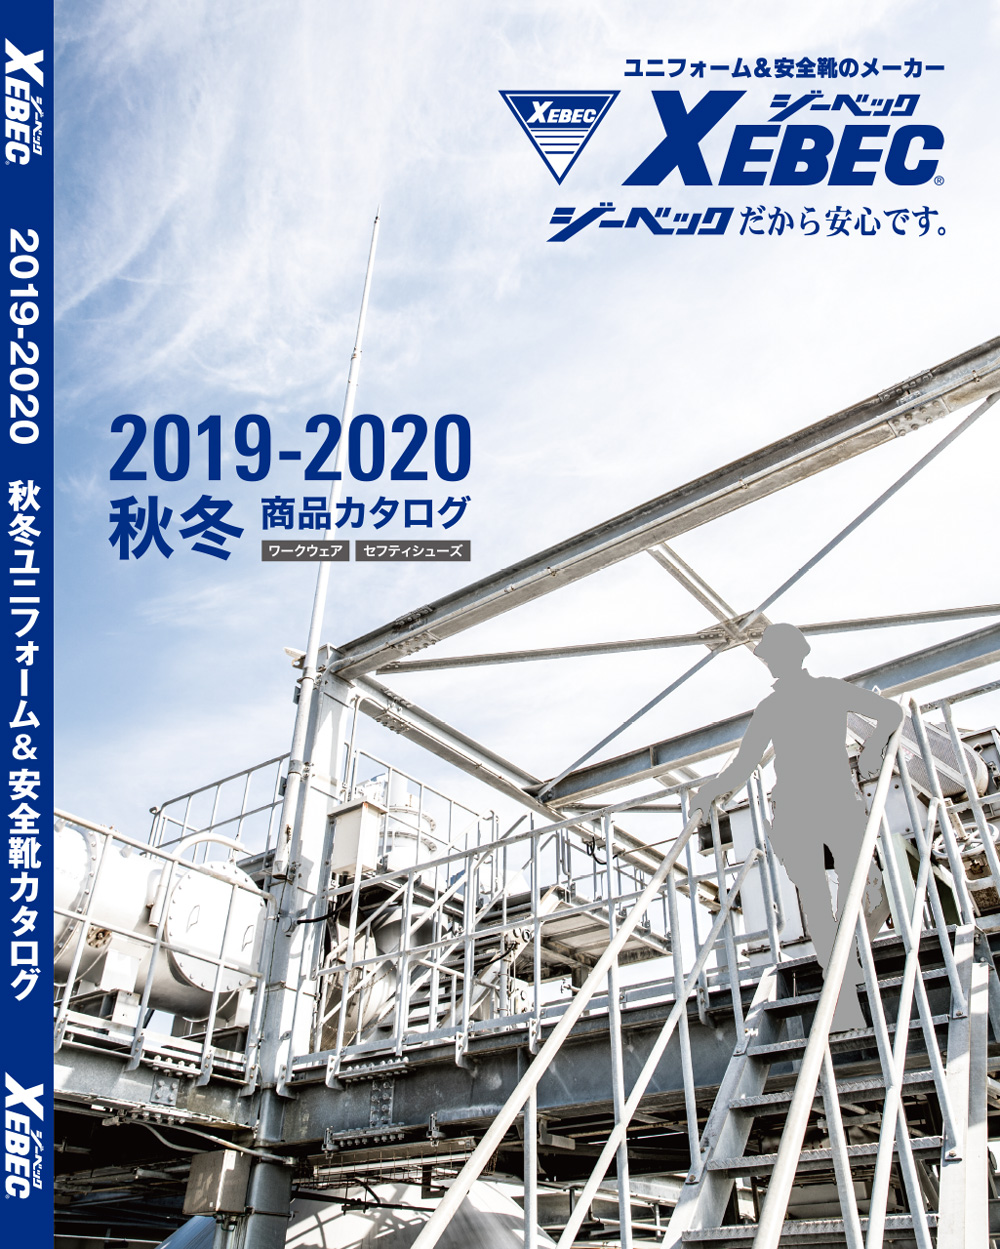 XEBEC 2019-2020年秋冬カタログ